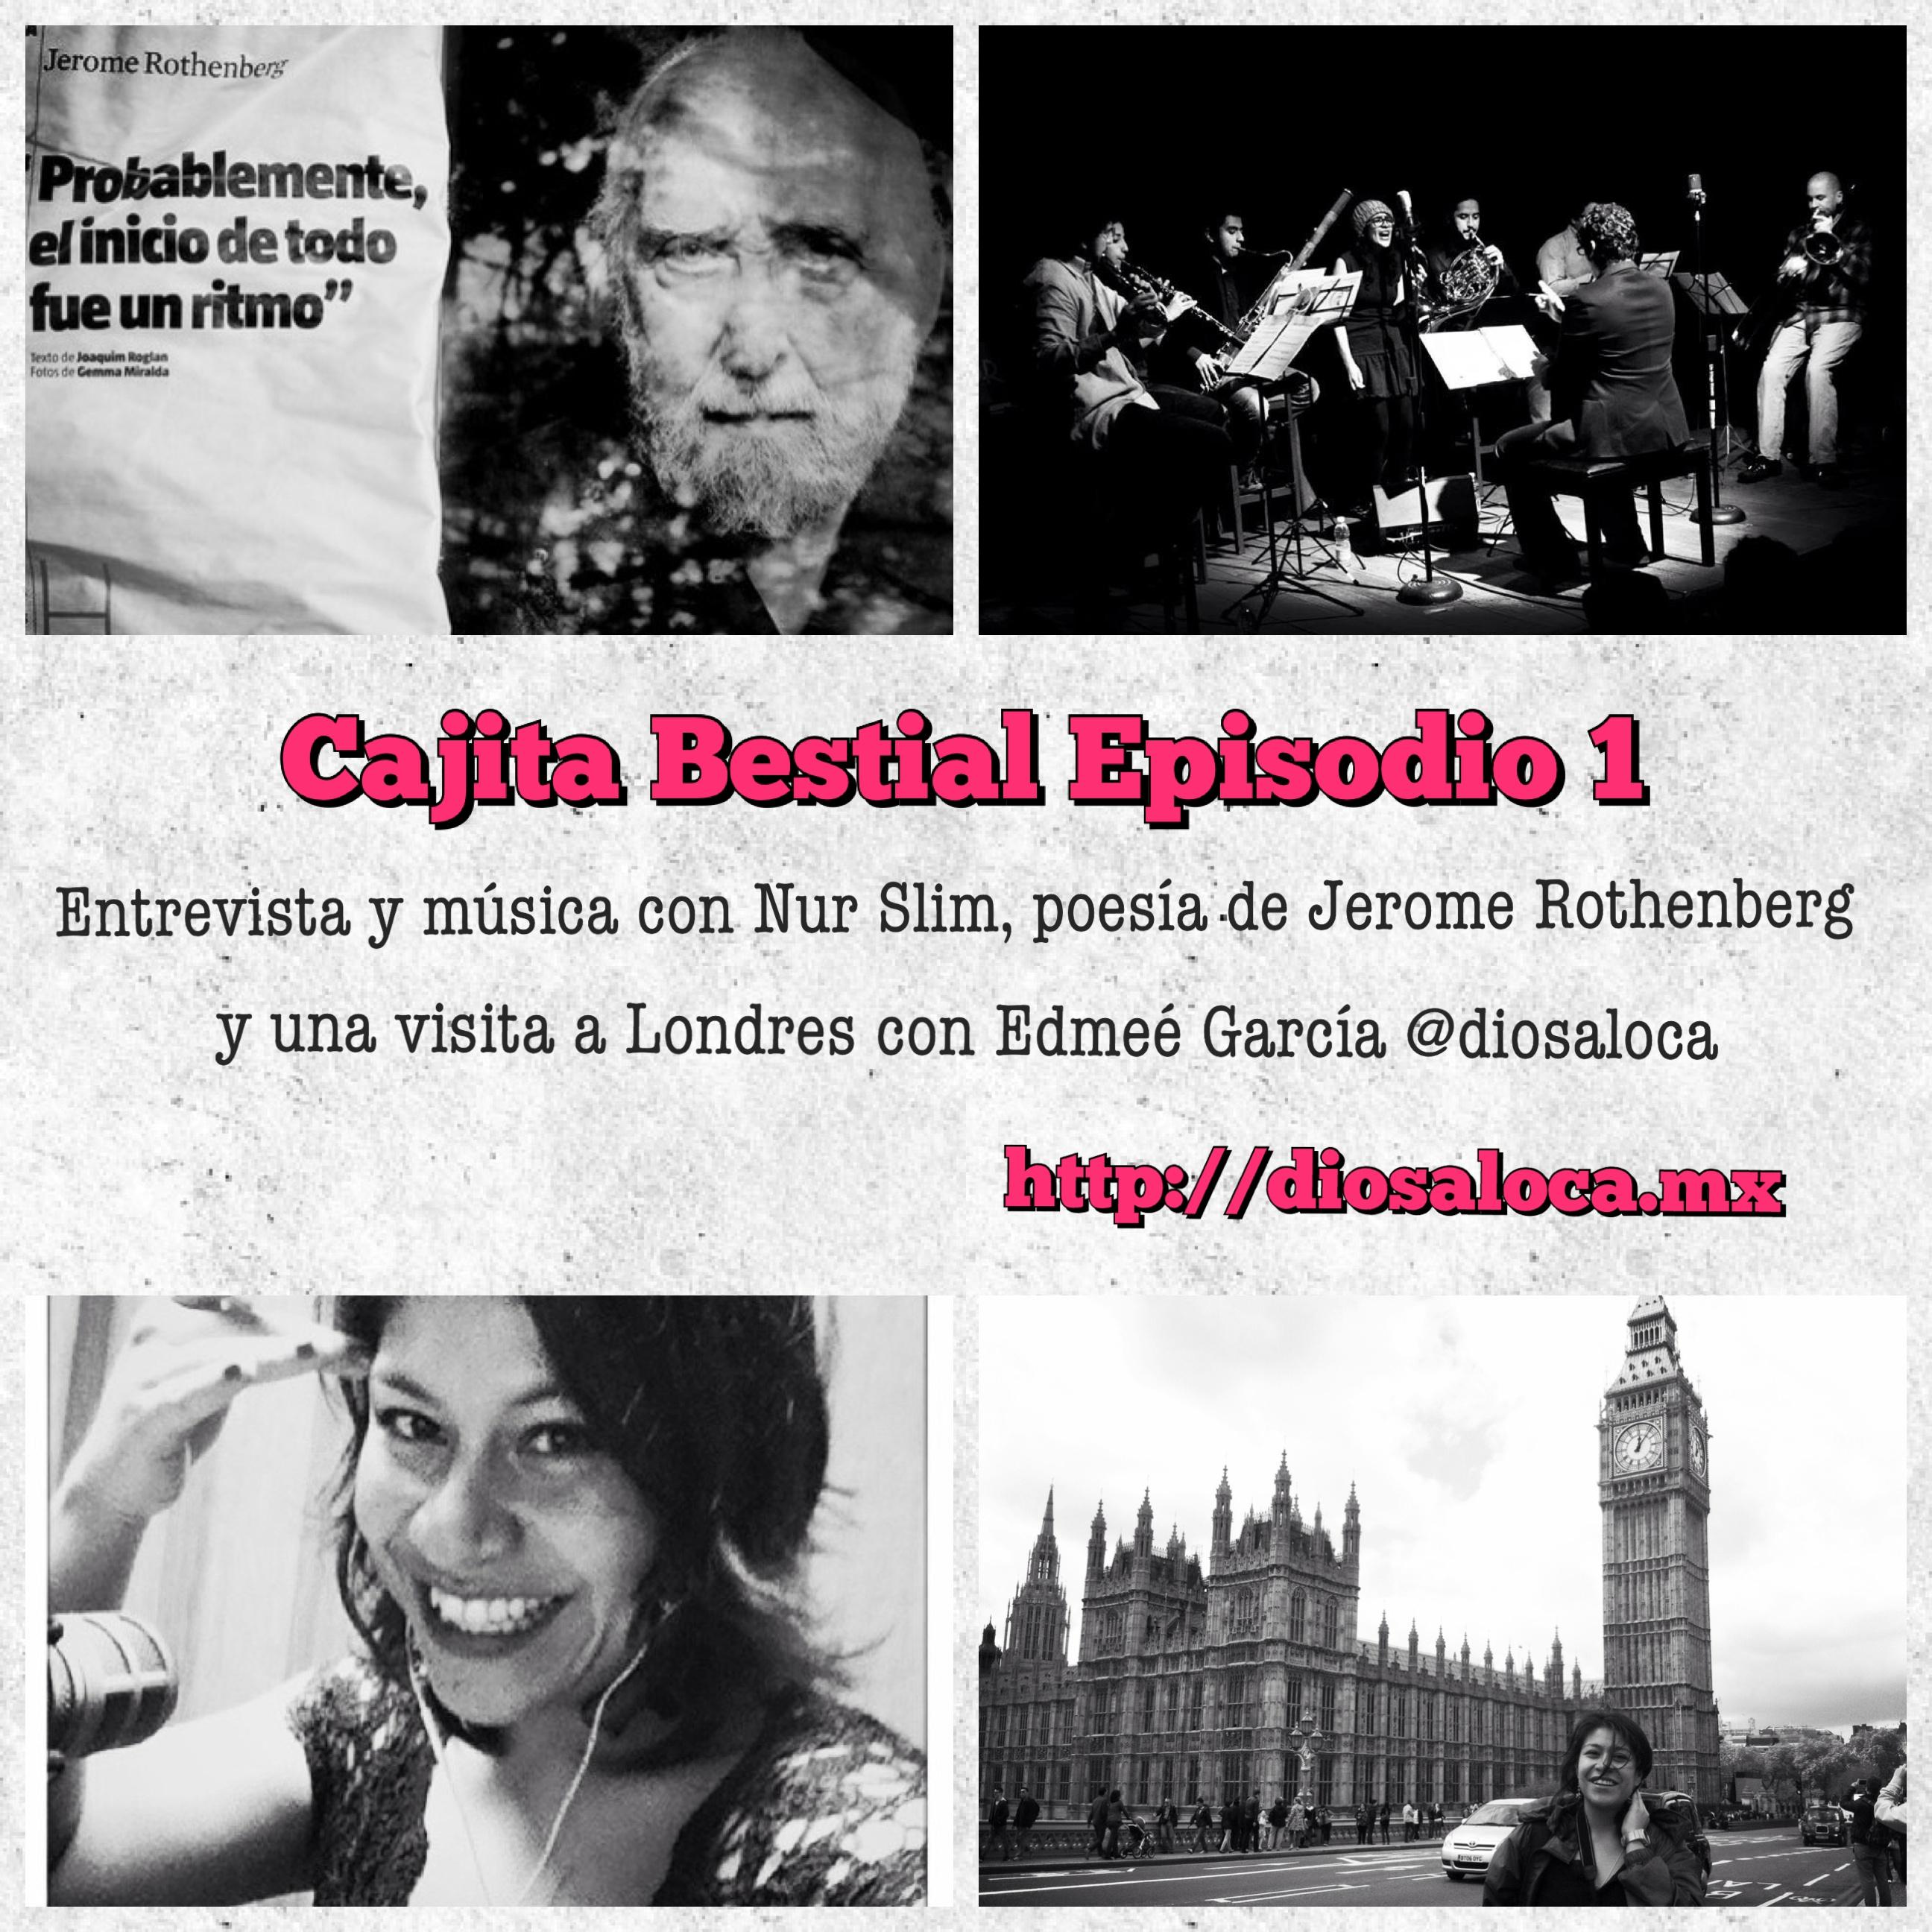 La Cajita Bestial es un podcast